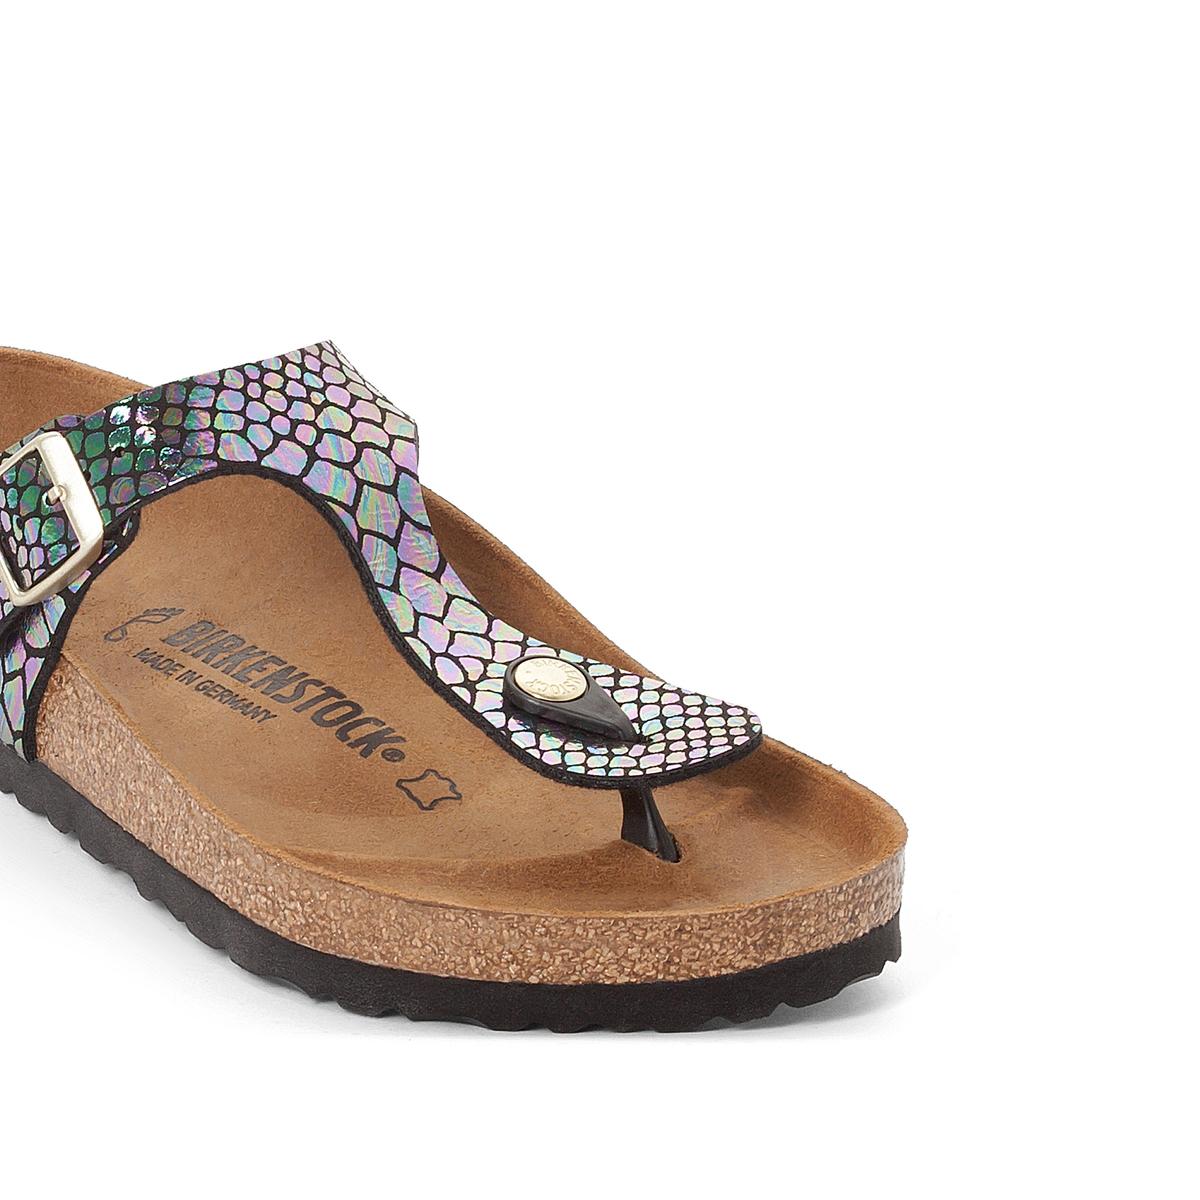 Туфли без задника синтетическиеДетали  •  Вьетнамки •  Застежка : без застежки •  Открытый мысокСостав и уход  •  Верх 100% синтетический материал •  Подкладка 100% текстиль •  Стелька 100% кожа •  Подошва 100% ЭВА<br><br>Цвет: рисунок разноцветный